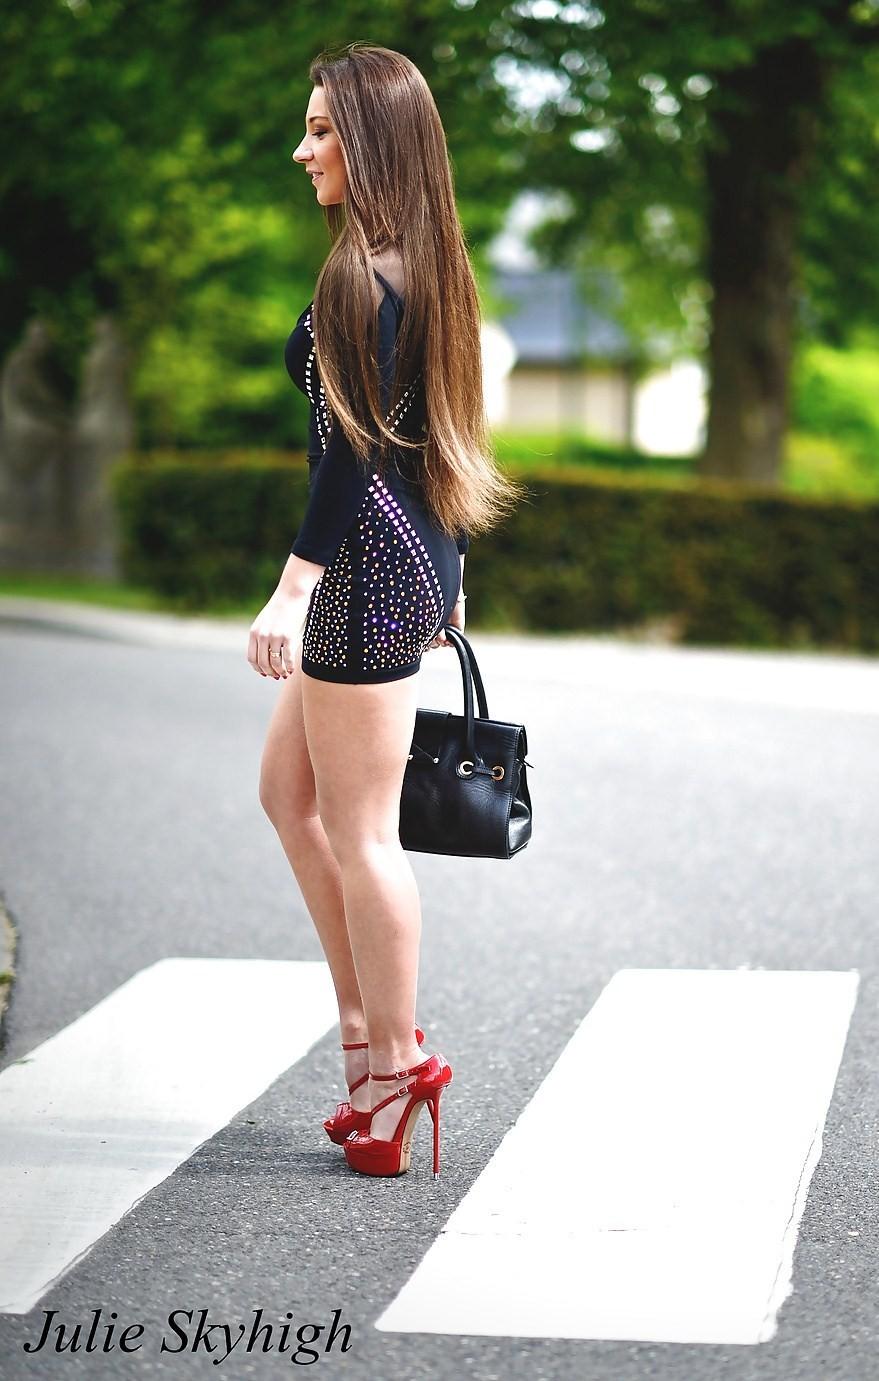 Бельгийская супер модель на высоких каблуках